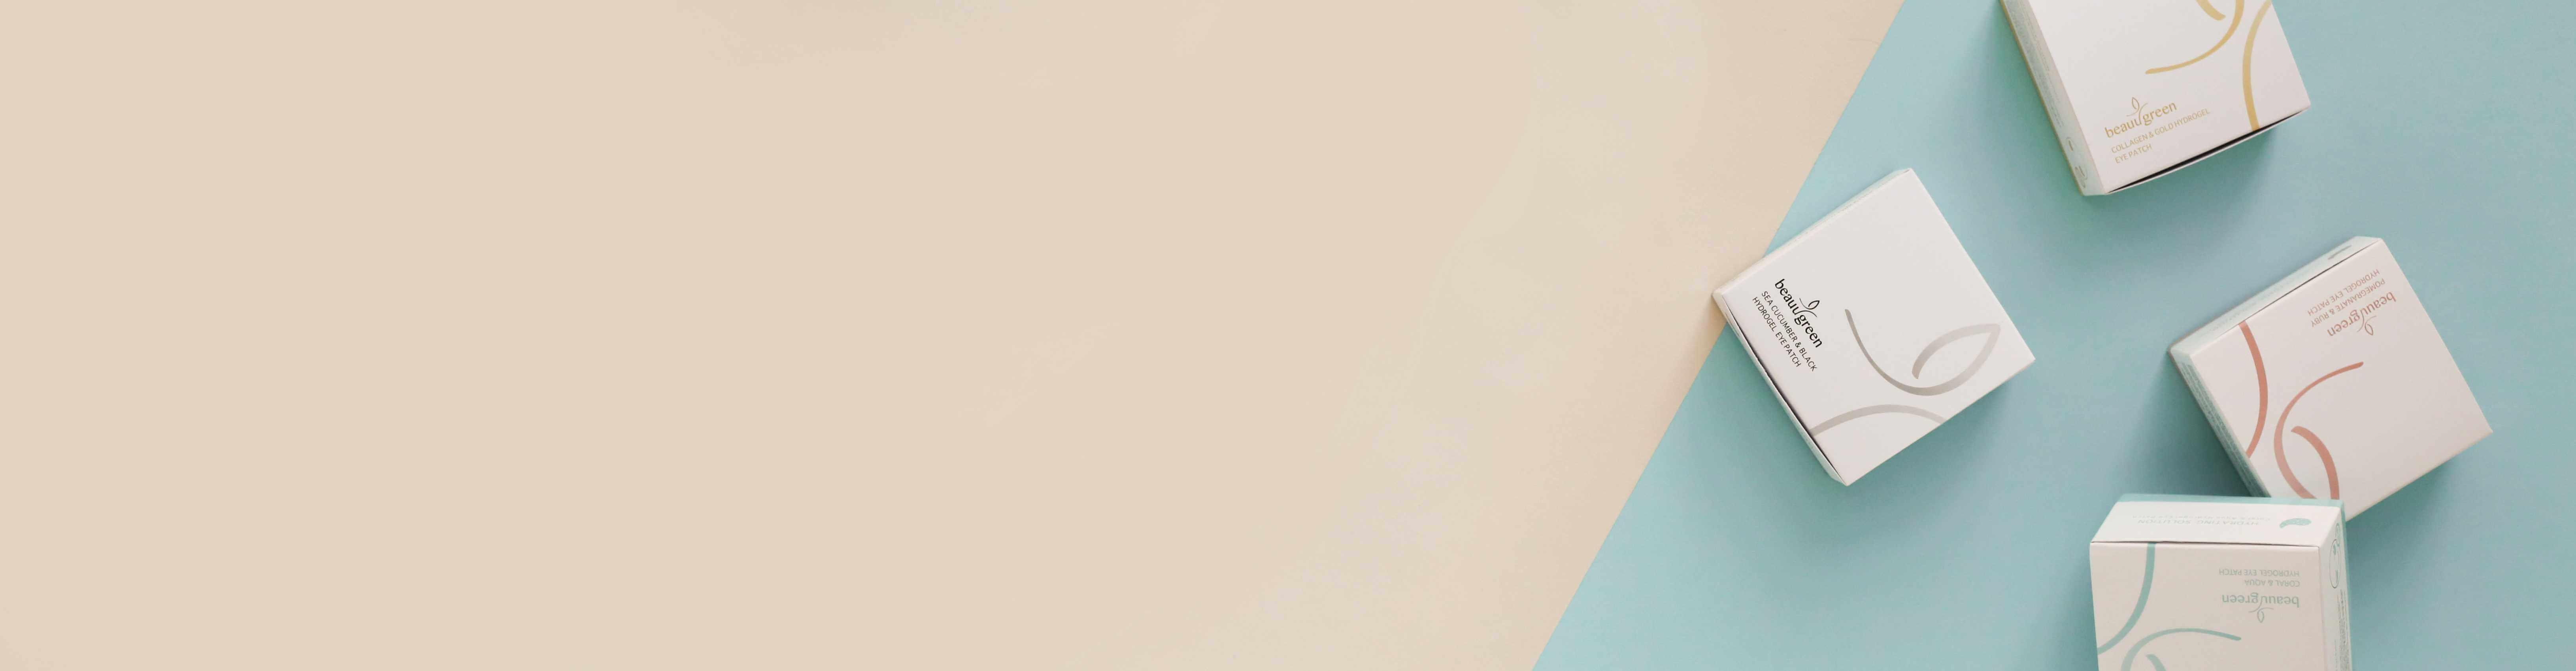 Косметика оптом купить косметику оптом у прямых поставщиков эйвон расческа